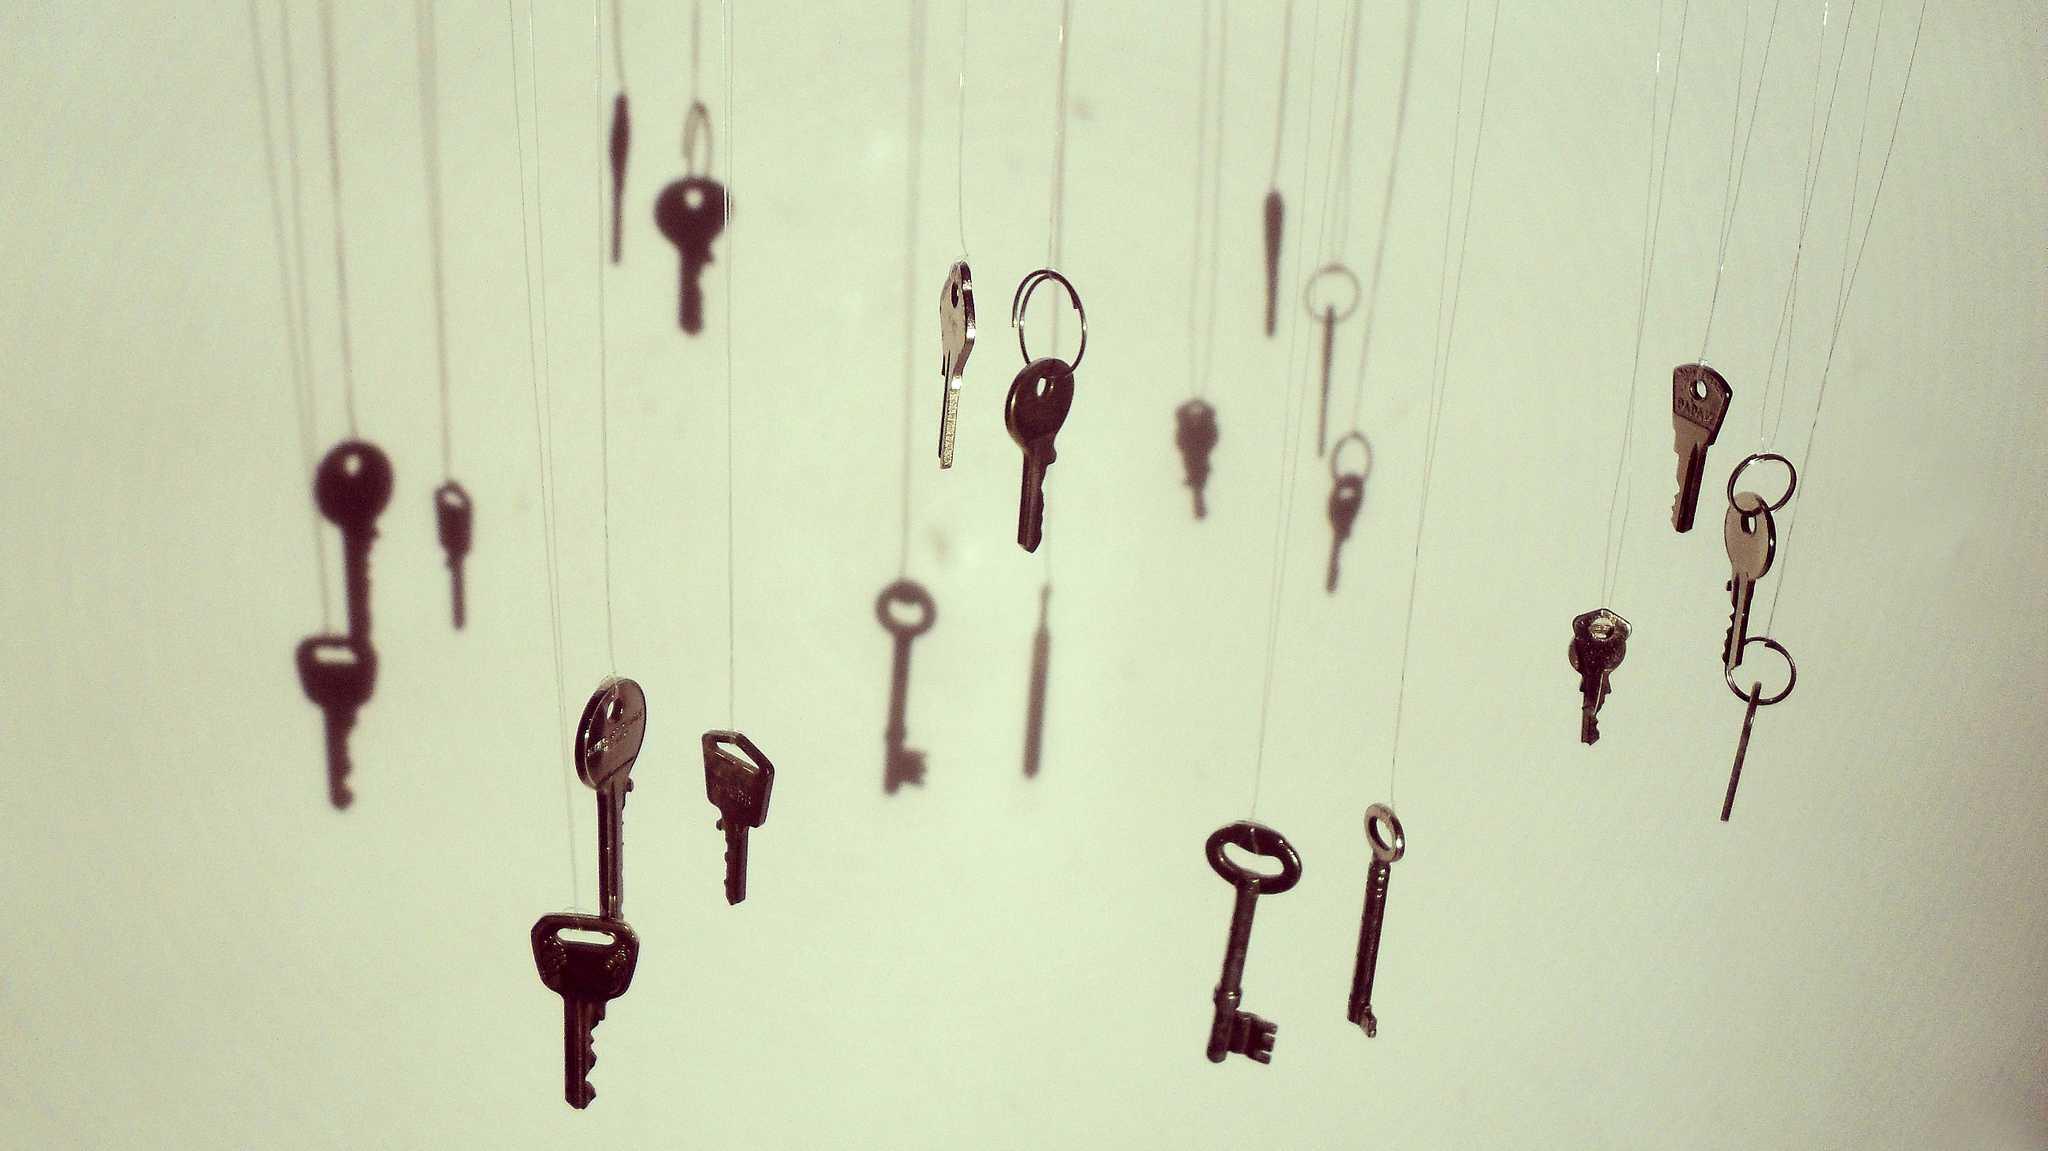 Project Wycheproof: Krypto-Implementierung auf Sicherheit abklopfen